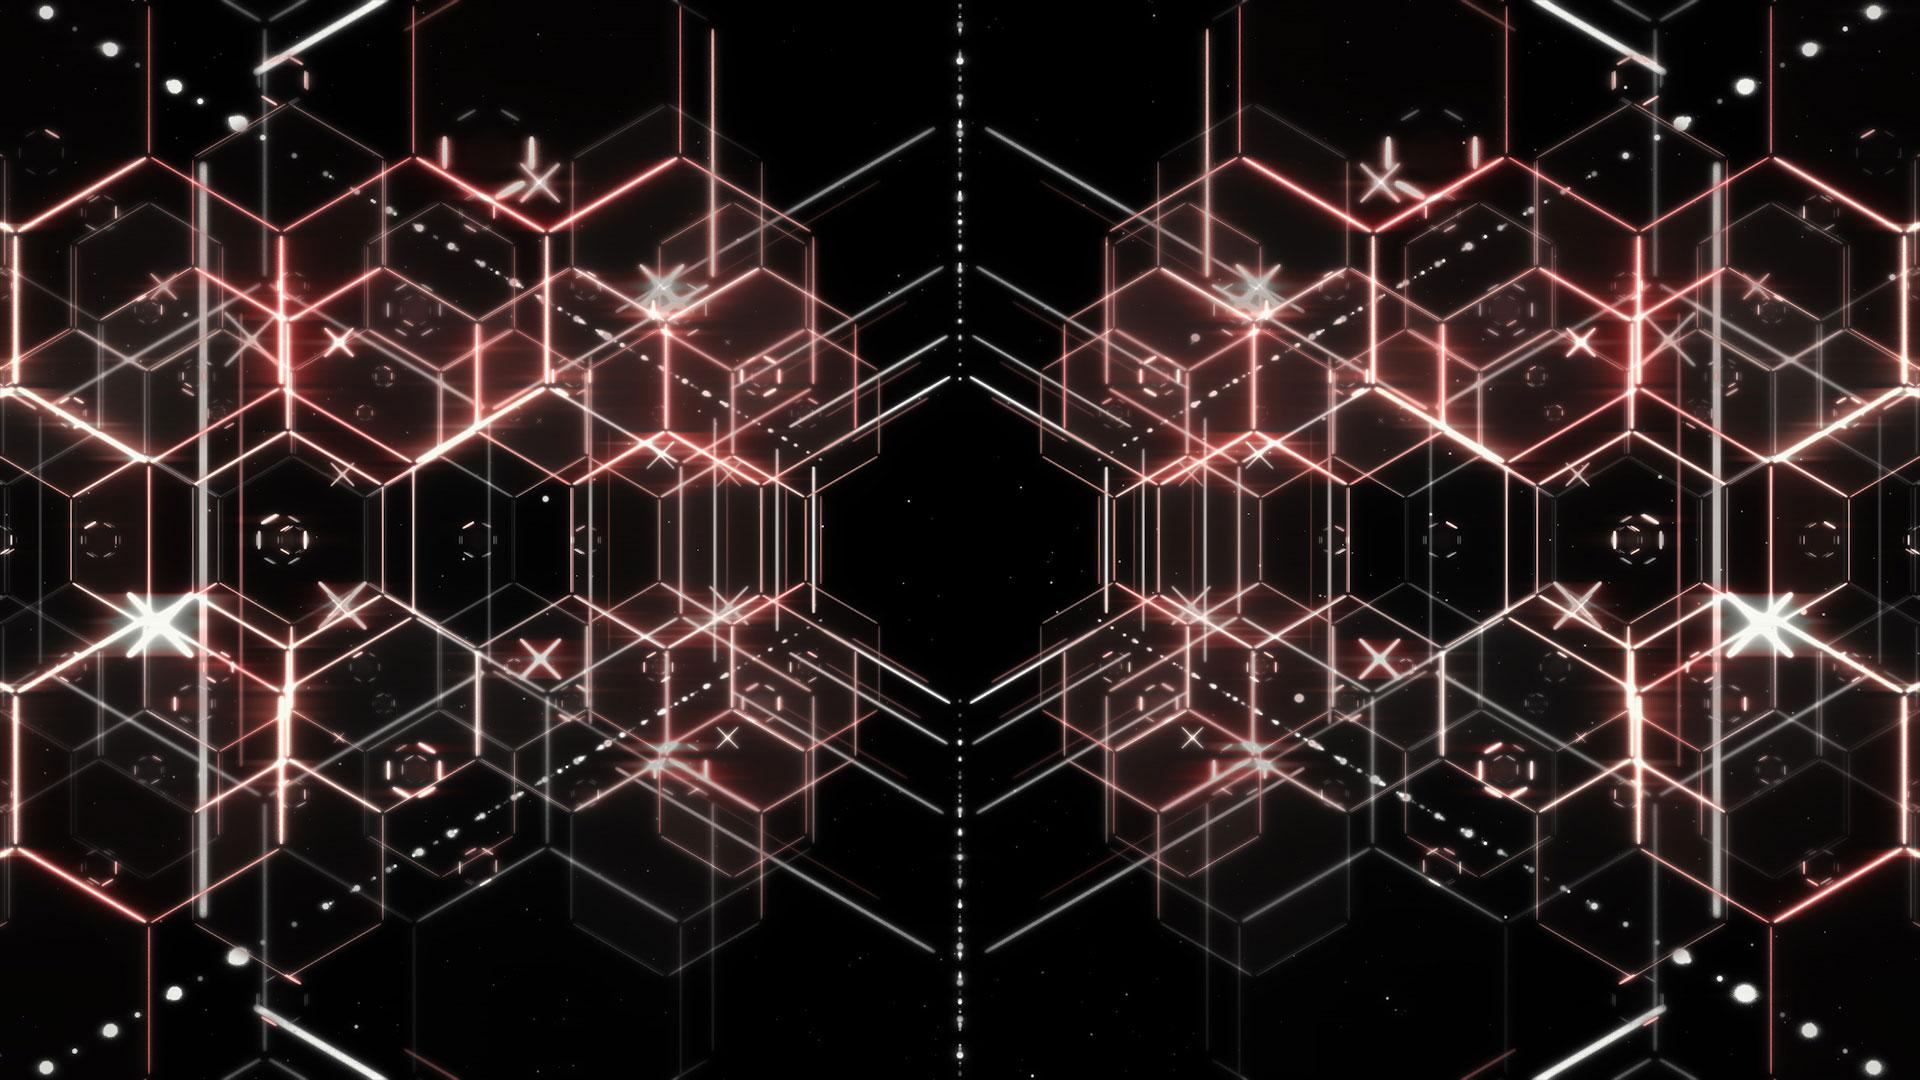 KZ_Cyberspace_01_Still003